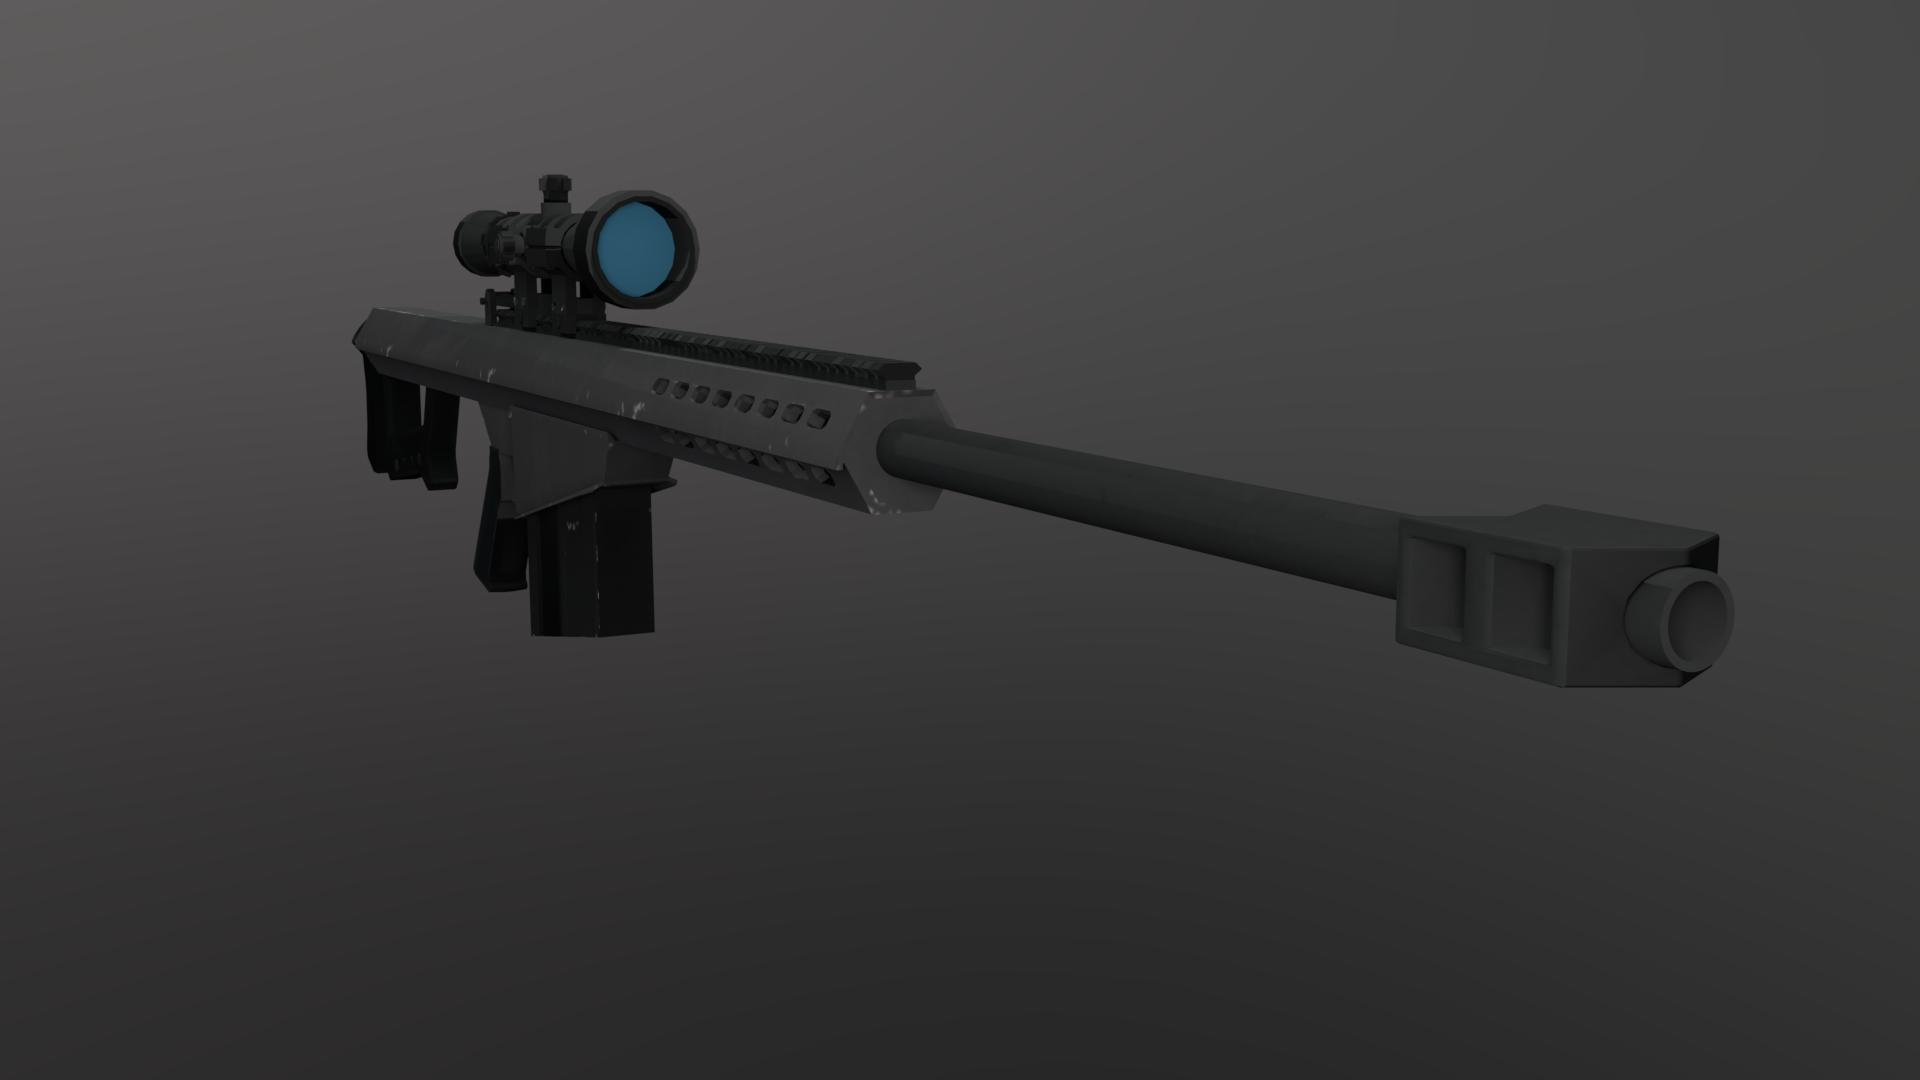 Barett M82A1 model